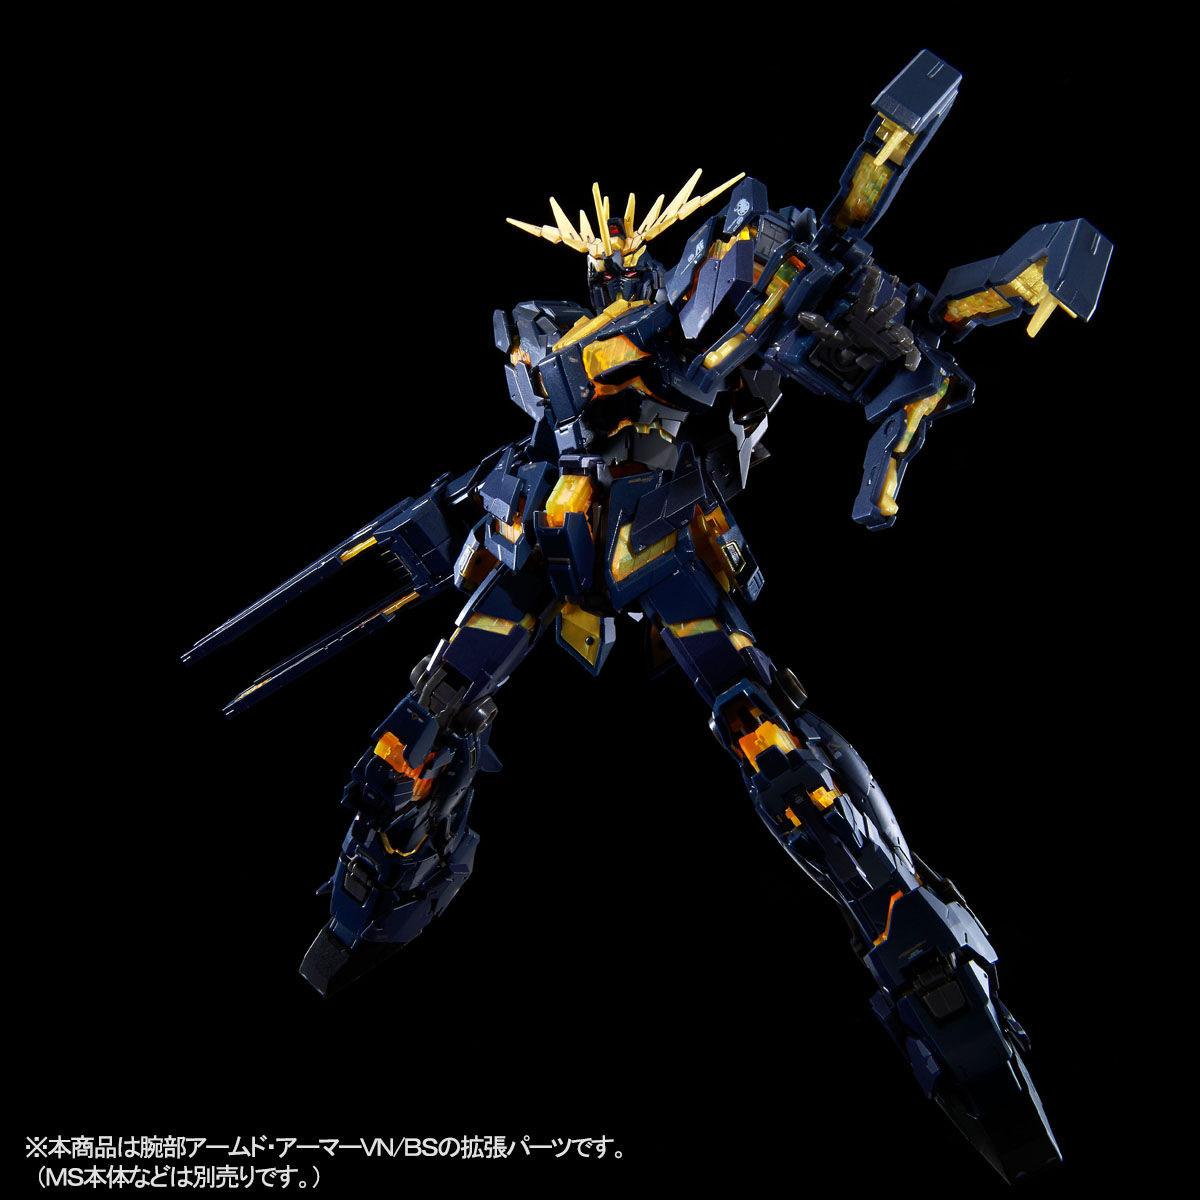 RG 1/144『拡張ユニット アームド・アーマーVN/BS』ガンダムUC プラモデル-004